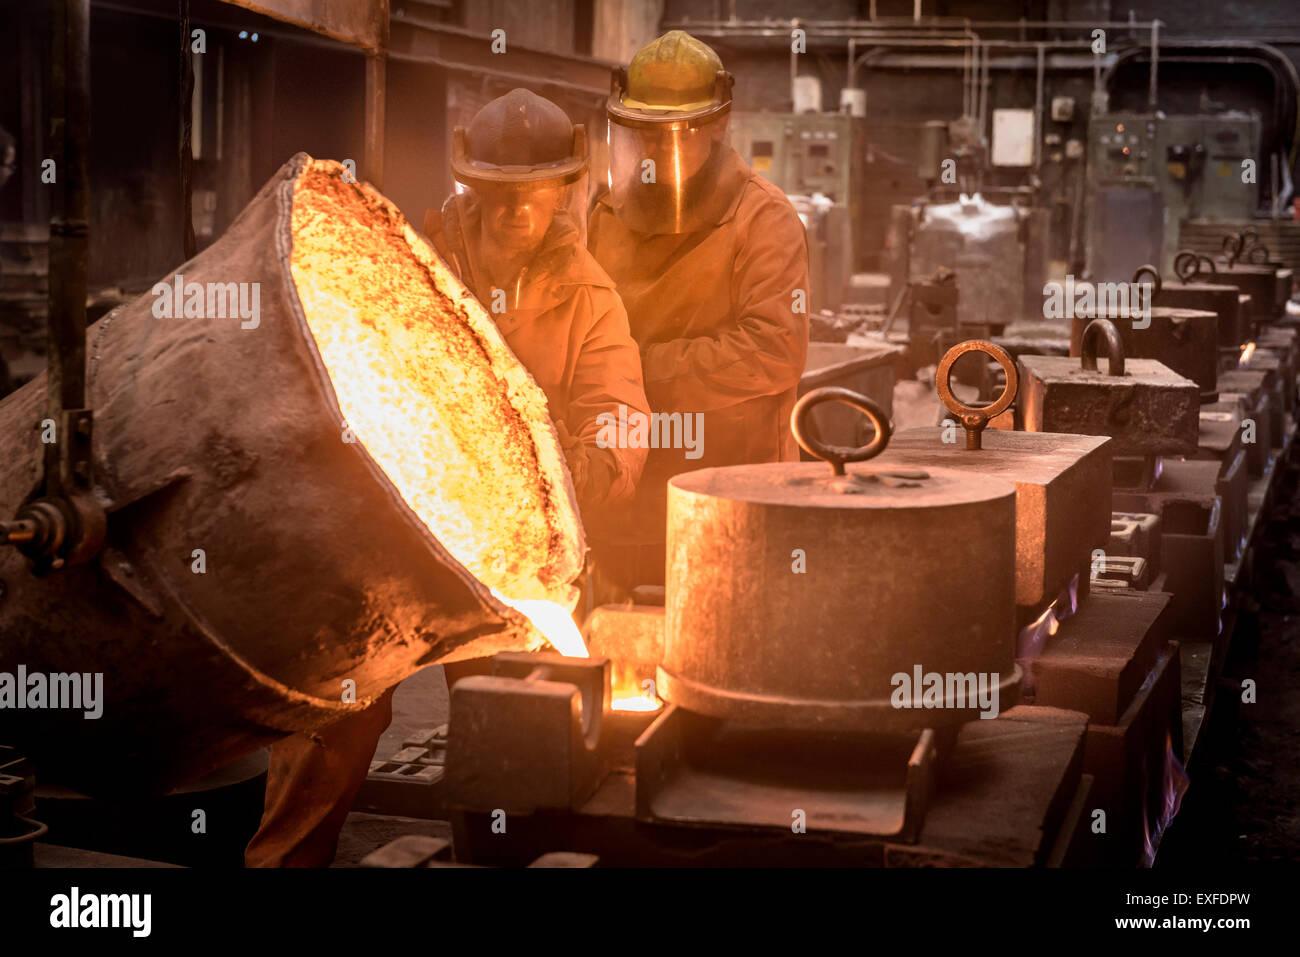 Dos trabajadores del matraz vertiendo metal fundido en la fundición Imagen De Stock